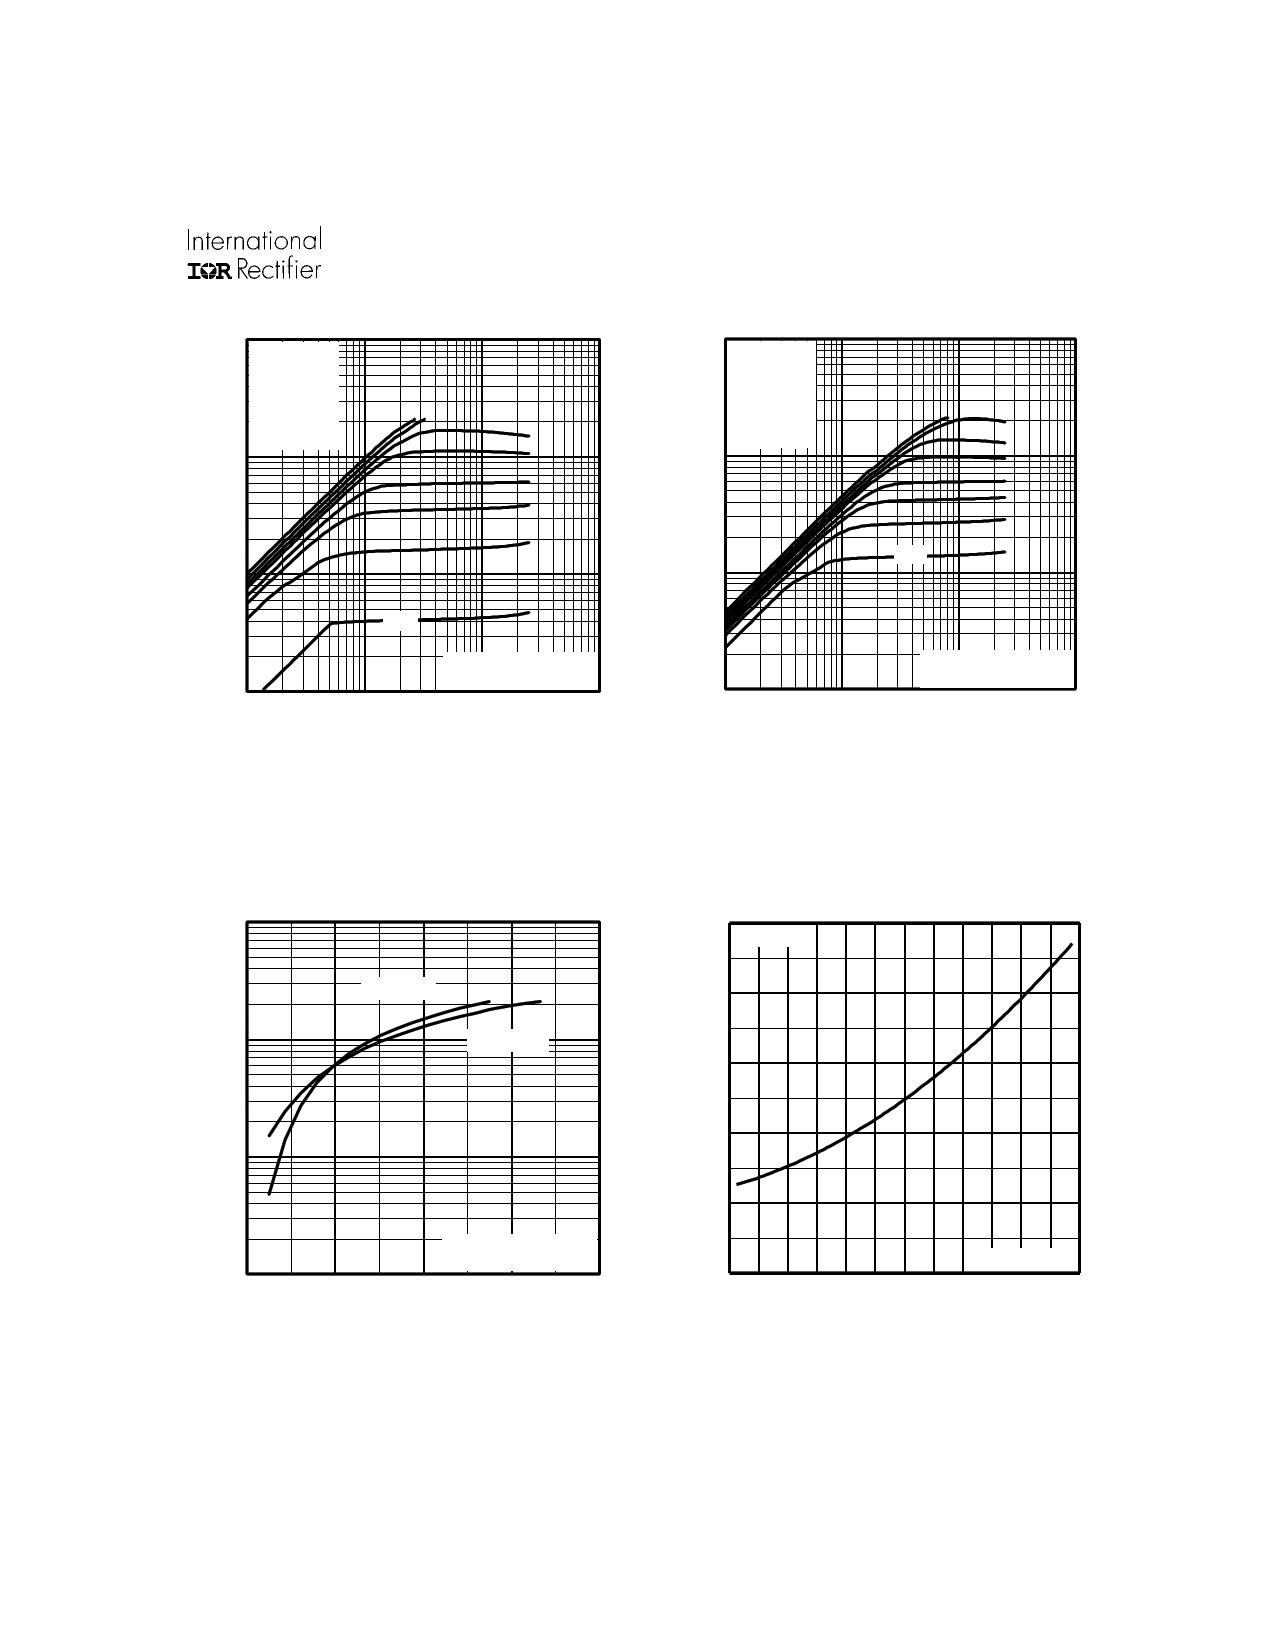 IRFZ48NL pdf, ピン配列